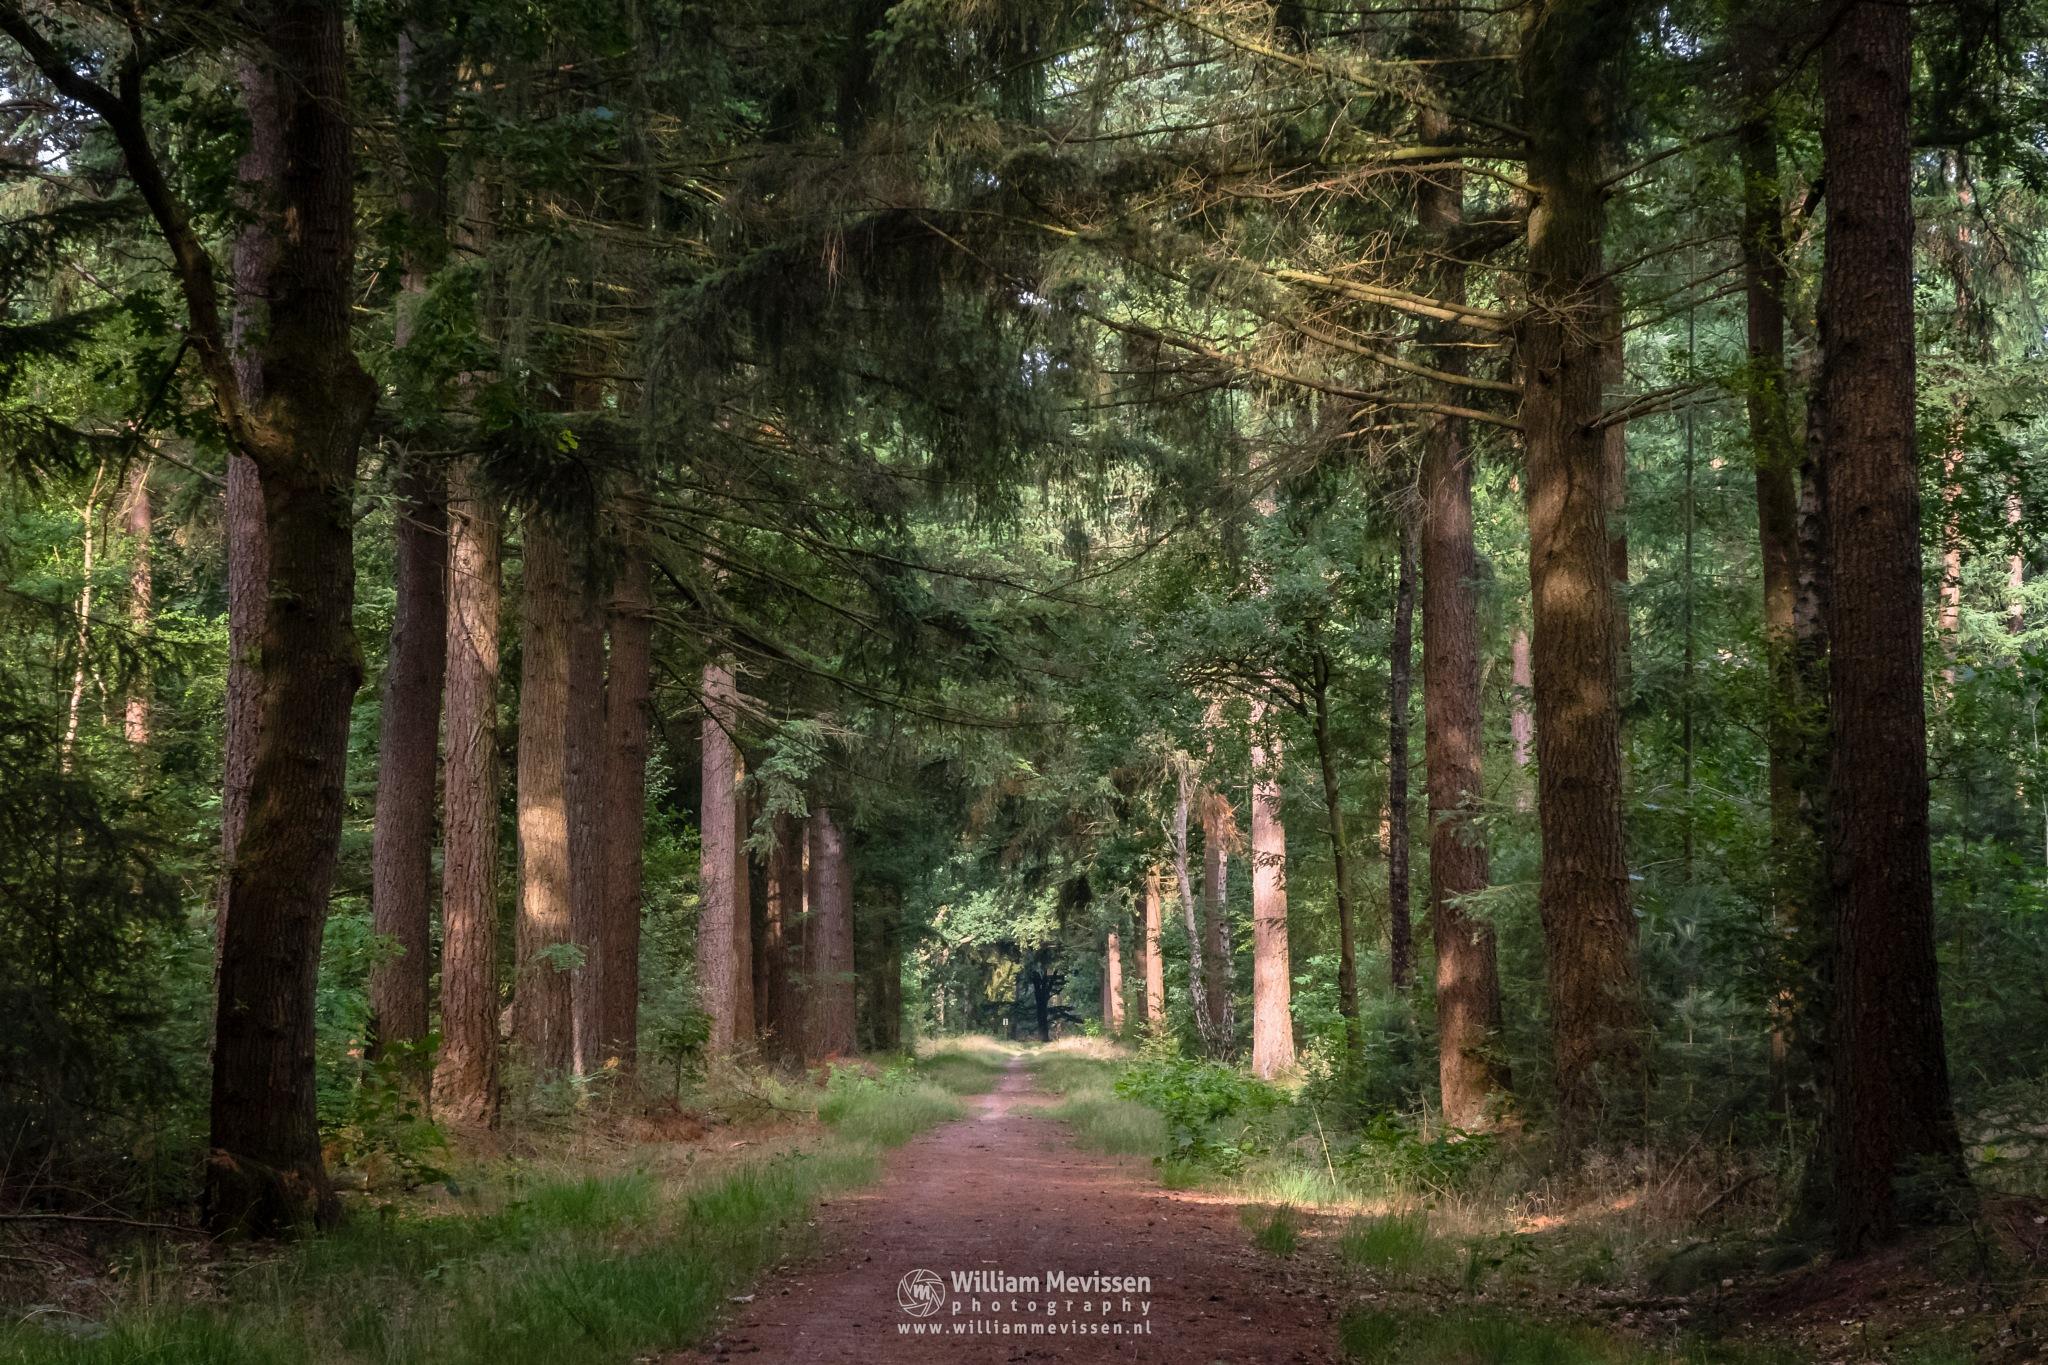 Forest Lane by William Mevissen